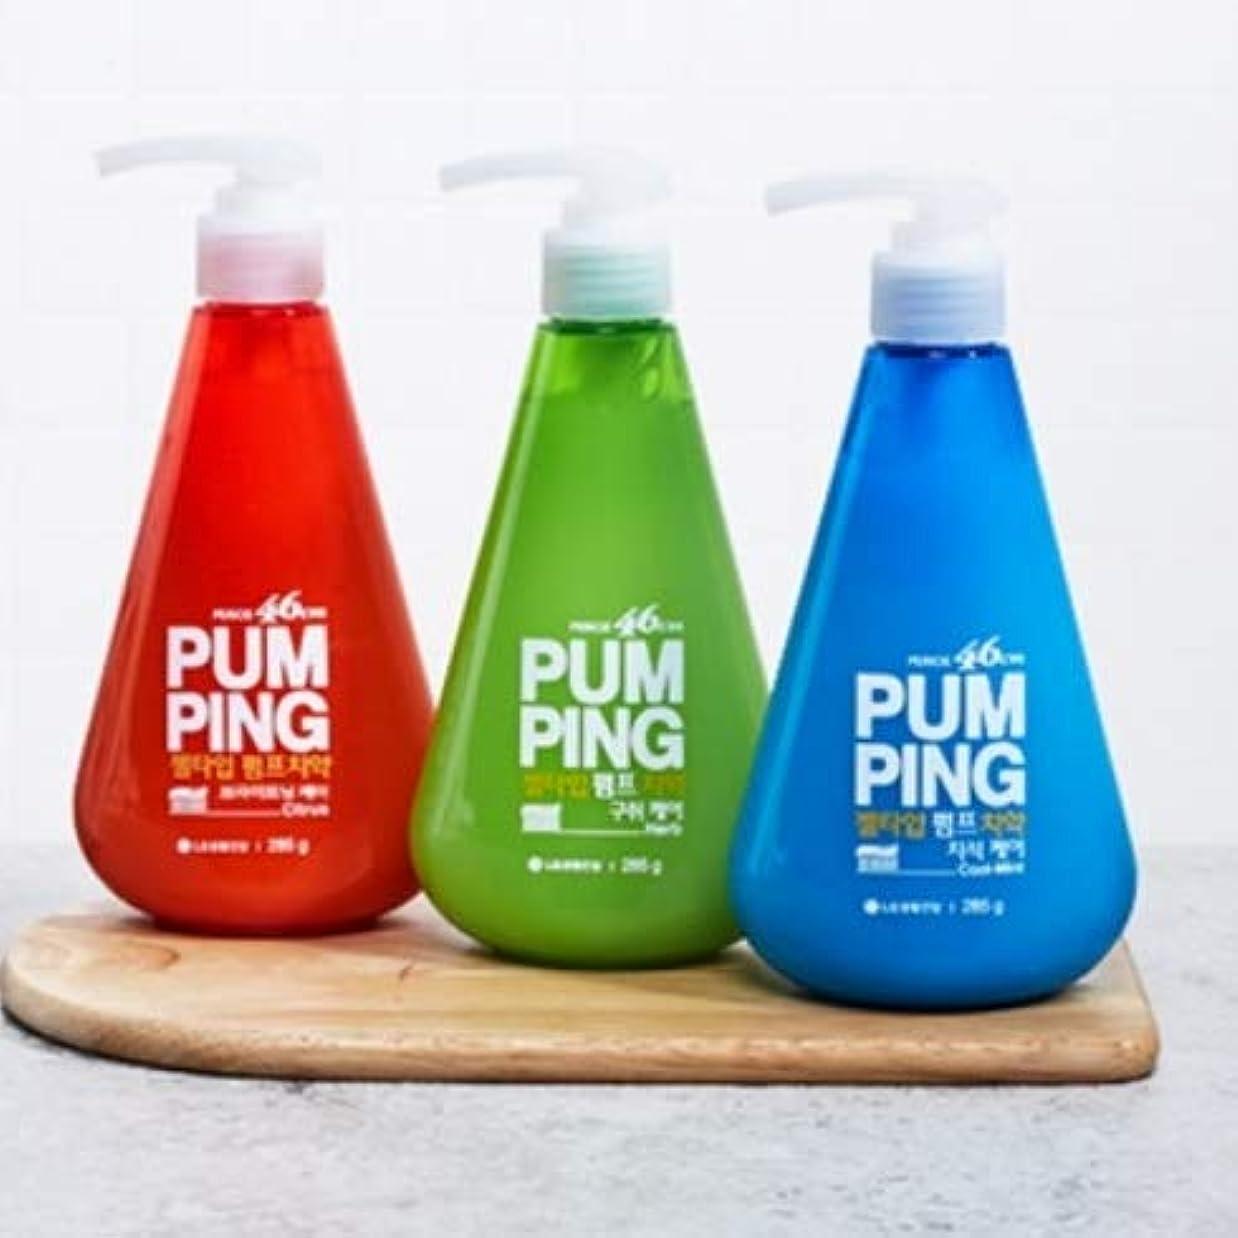 ワークショップクラシカル形式[LG HnB] Perio 46cm pumped toothpaste /ペリオ46cmポンピング歯磨き粉 285gx3個(海外直送品)